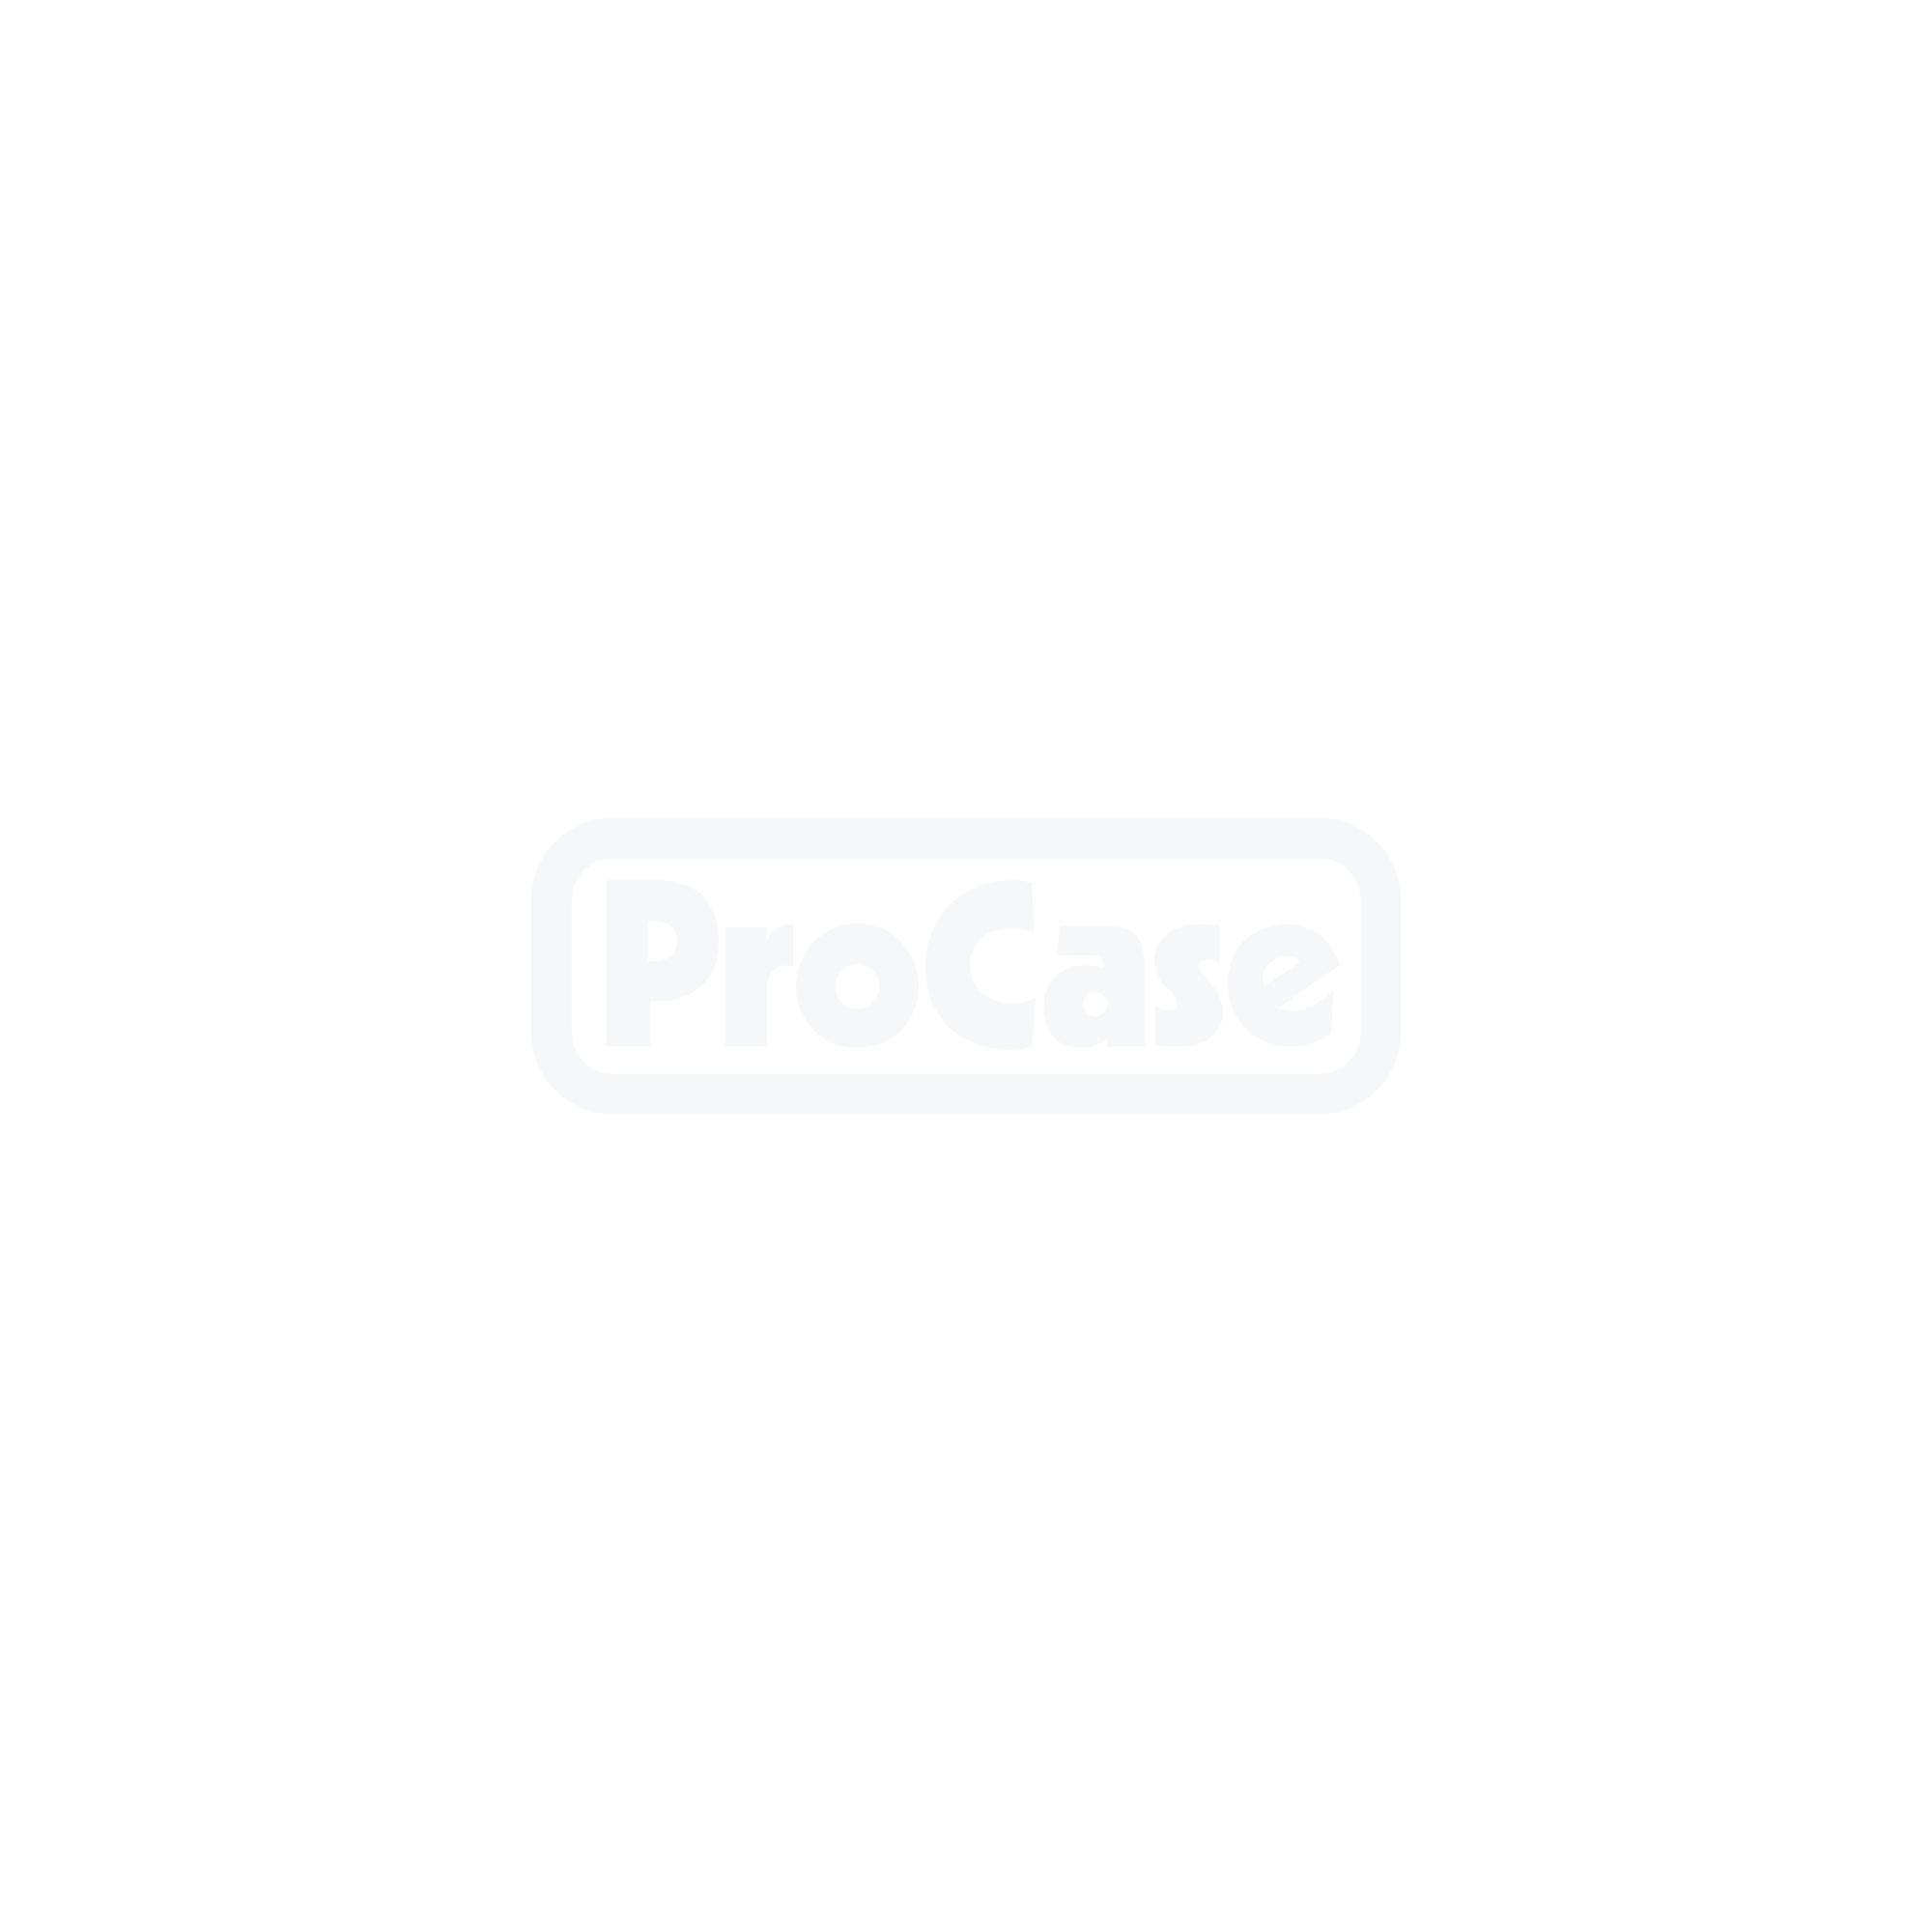 QSD Stack-Rack 2HE 600 tief 4